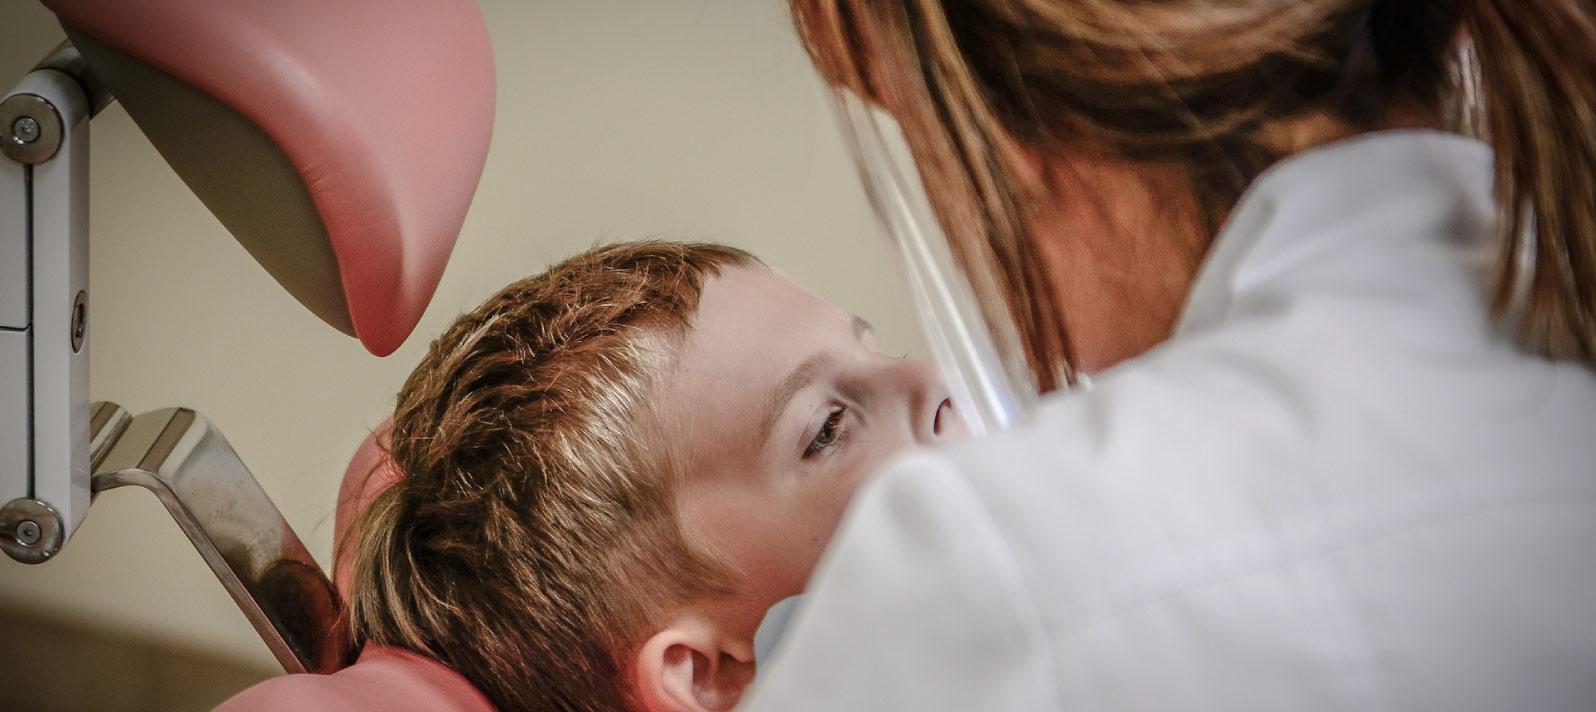 Medidas de higiene y seguridad para las consultas infantiles